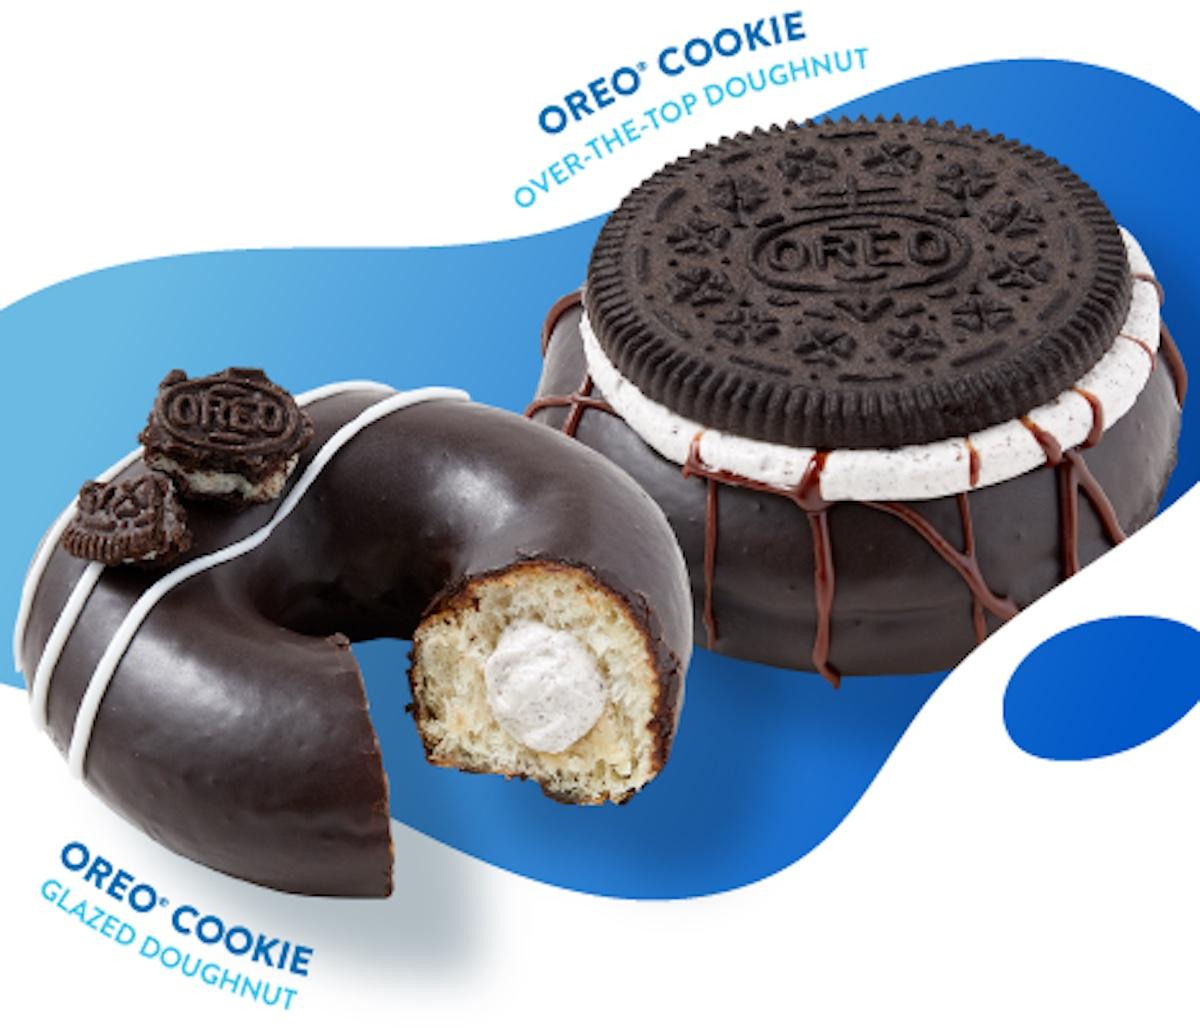 Krispy Kreme tendrá dos nuevas donas Oreo por tiempo limitado.